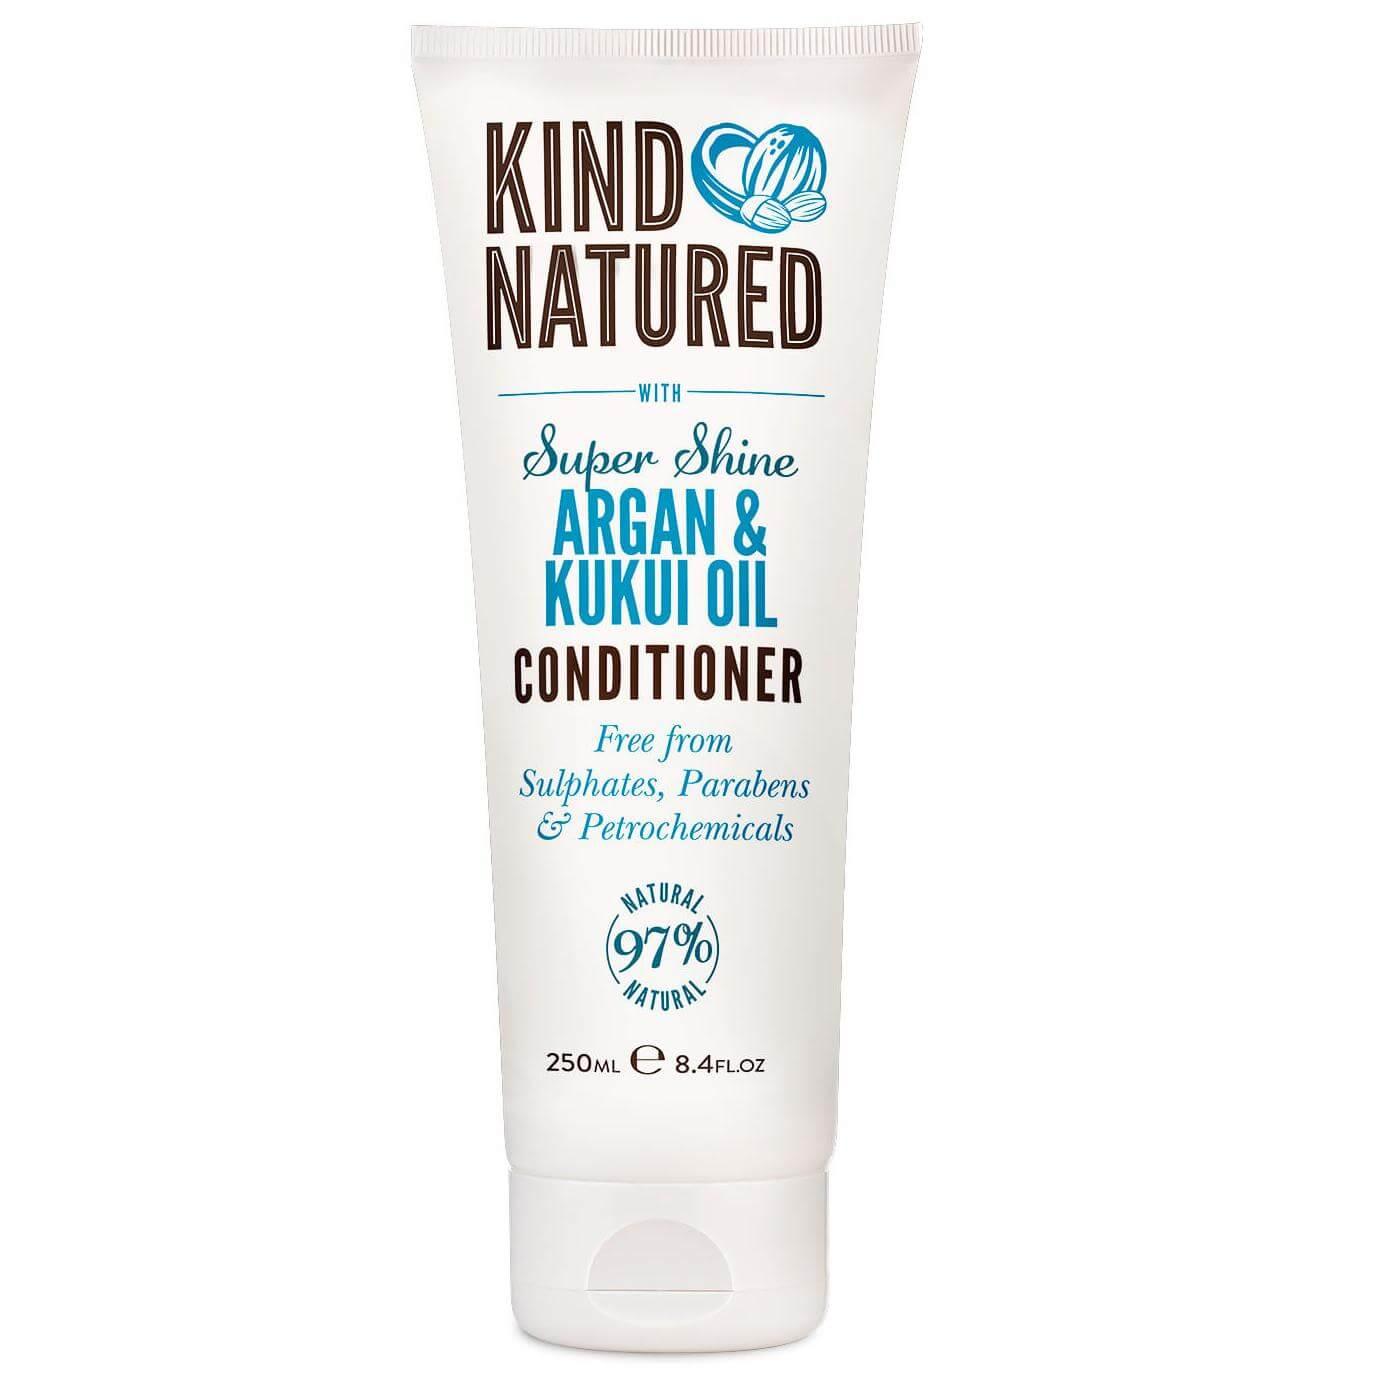 Kind Natured Super Shine Conditioner Argan & Kukui Oil Μαλακτική Κρέμα Μαλλιών για Λάμψη σε Μαλλιά που Φριζάρουν 250ml